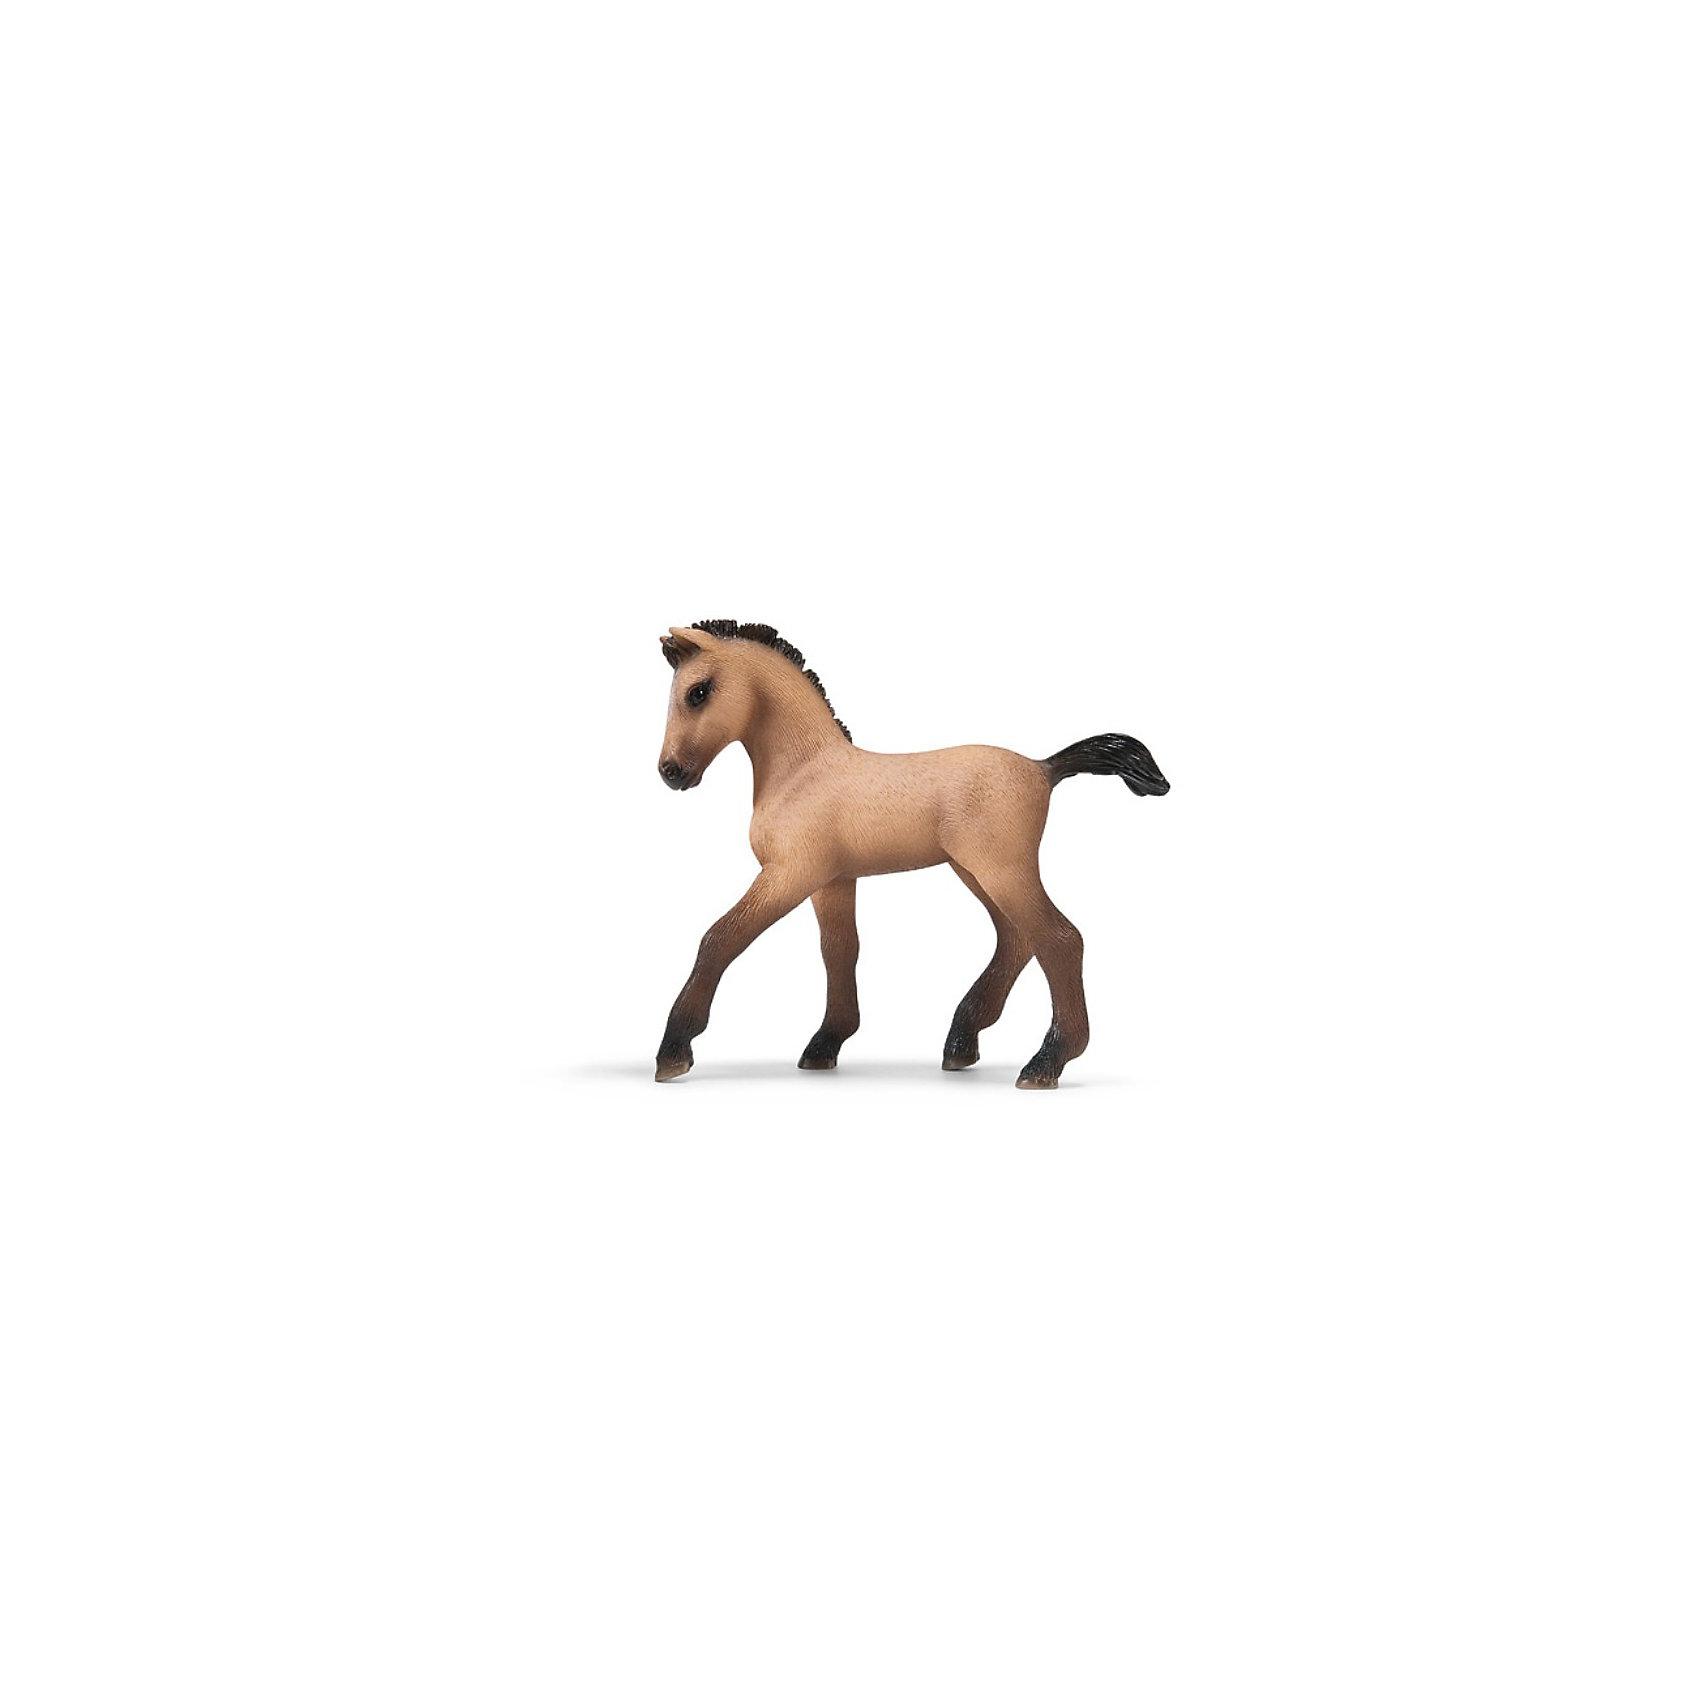 Schleich Schleich Жеребенок андалузской породы. Серия Лошади бычки казахской белоголовой породы